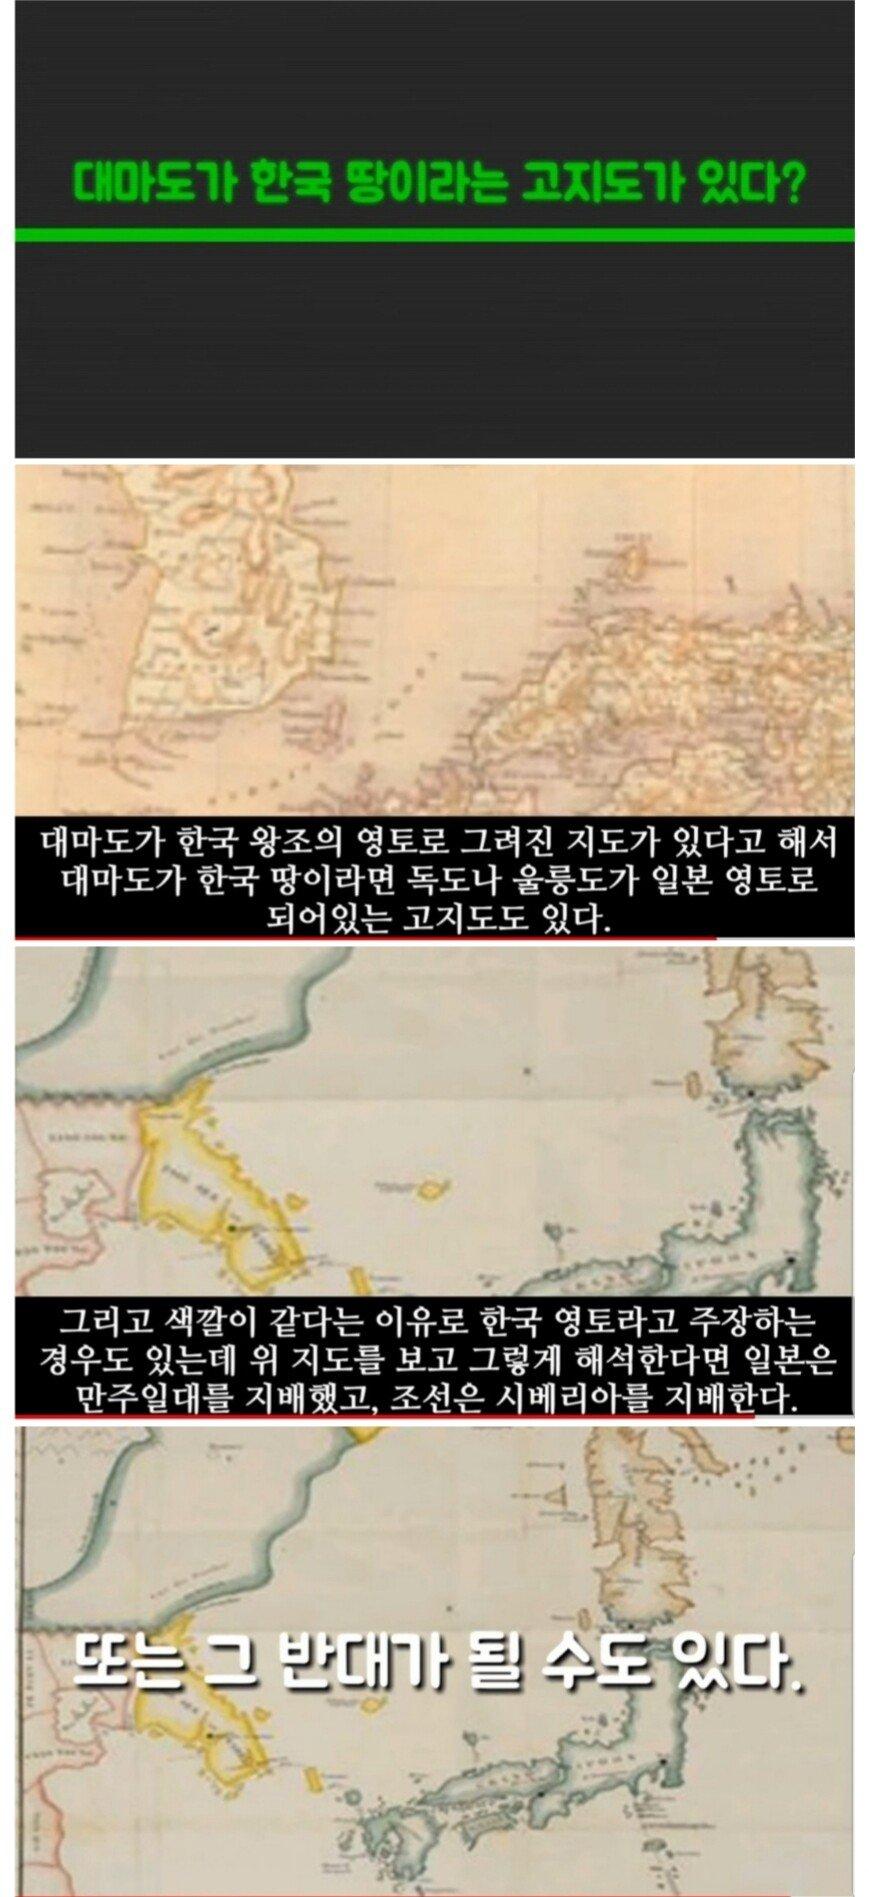 20200529_172939.jpg 쓰시마가 한민족 국가의 영토였던 적은 없다.jpg